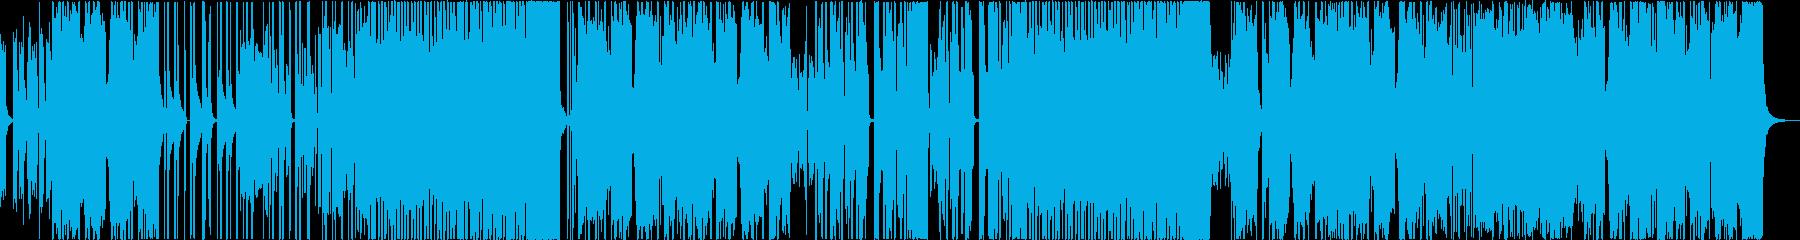 ドープなK-POPダンスビーツの再生済みの波形